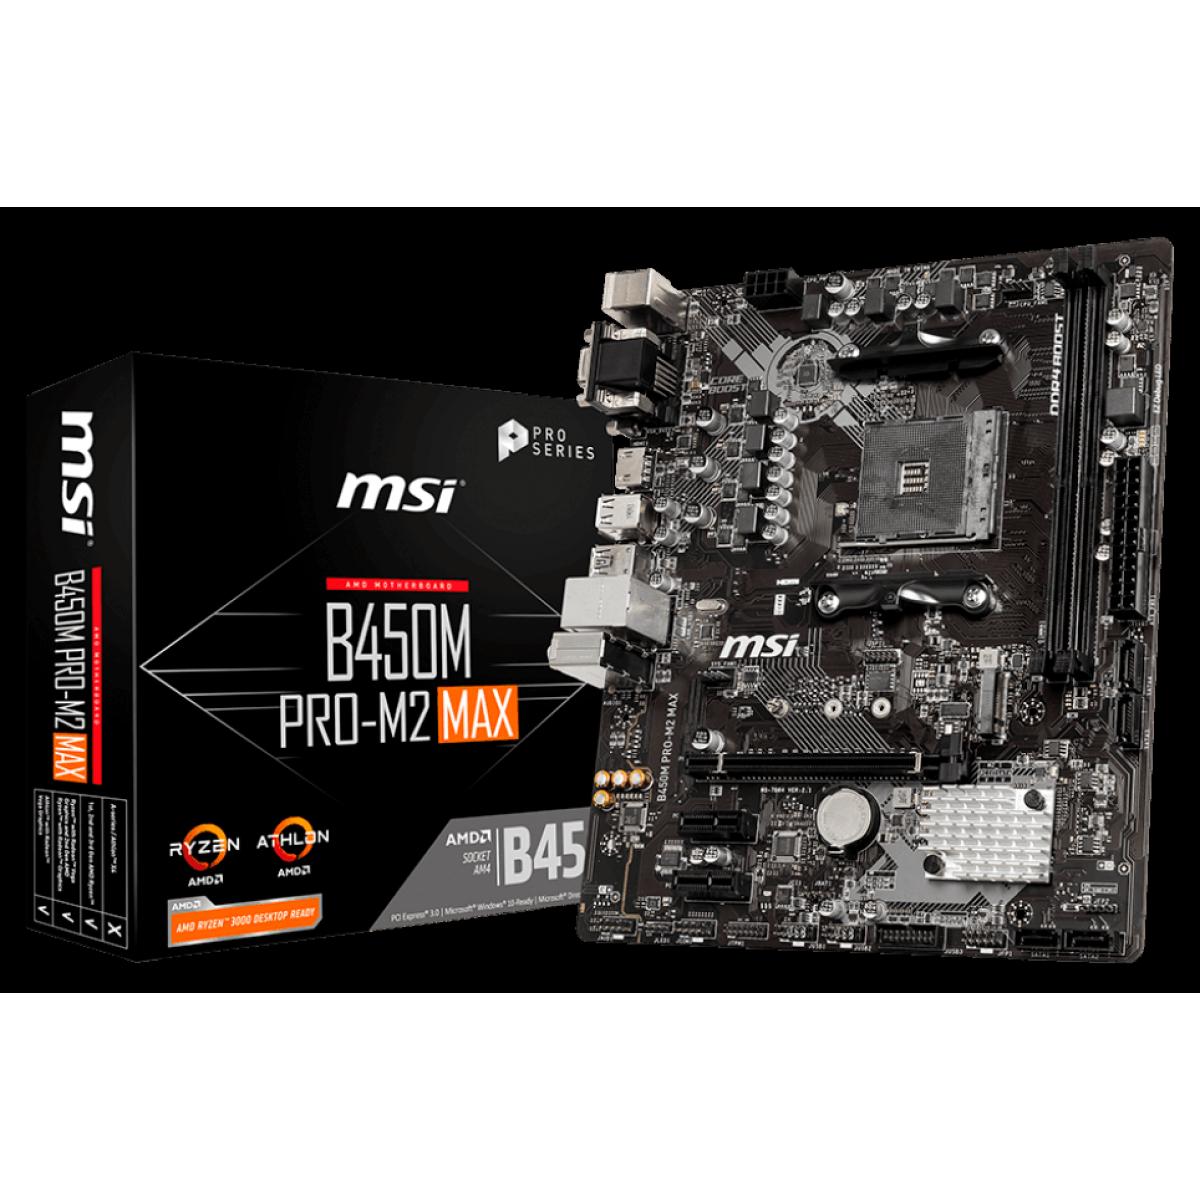 Placa Mãe MSI B450M PRO-M2 MAX, Chipset B450, AMD AM4, mATX, DDR4